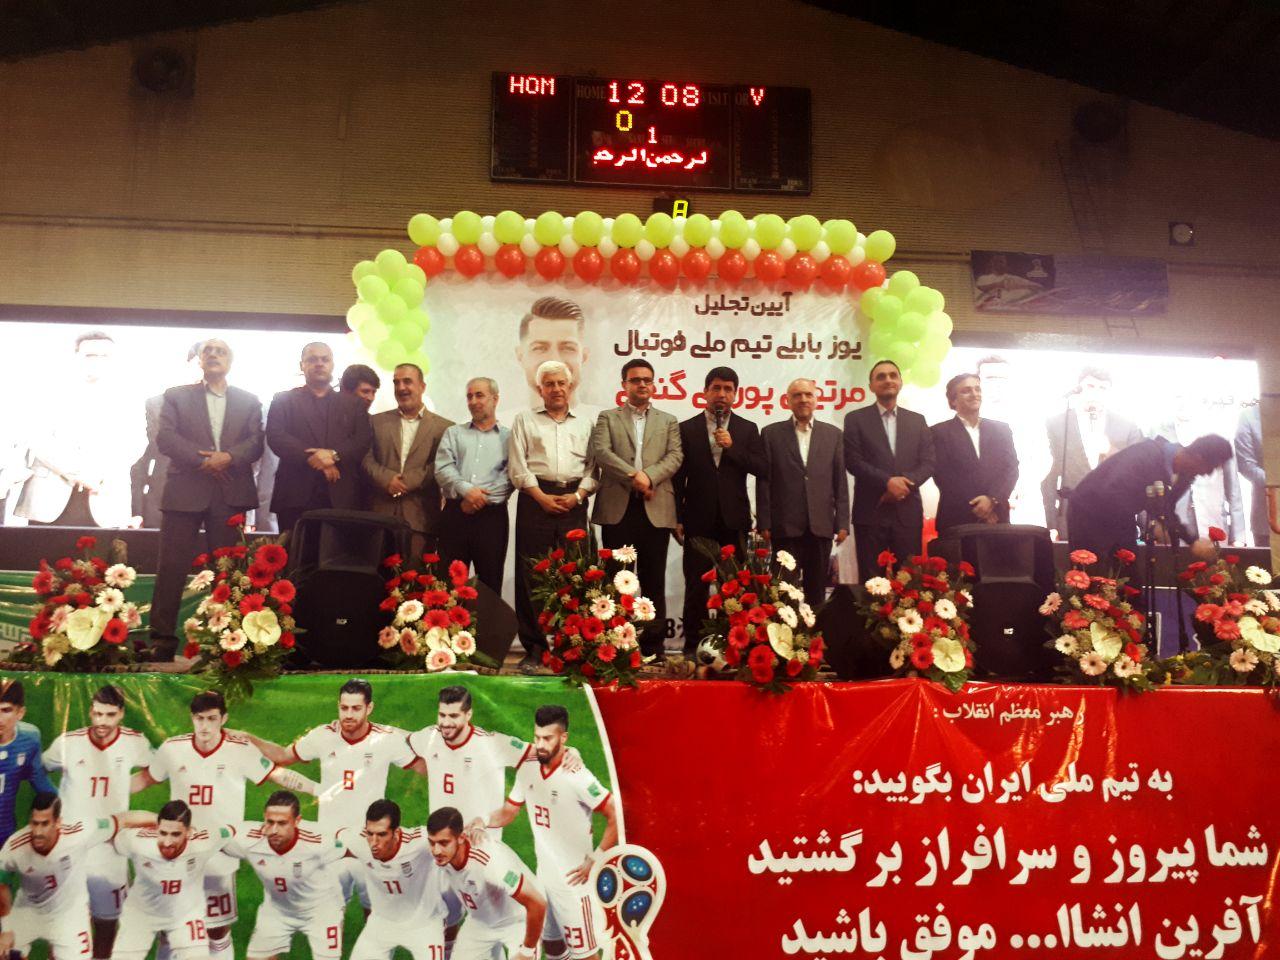 با حضور پرشور مردم و مسئولین؛مراسم استقبال و تجلیل از مرتضی پور علی گنجی در بابل با شکوه برگزار شد